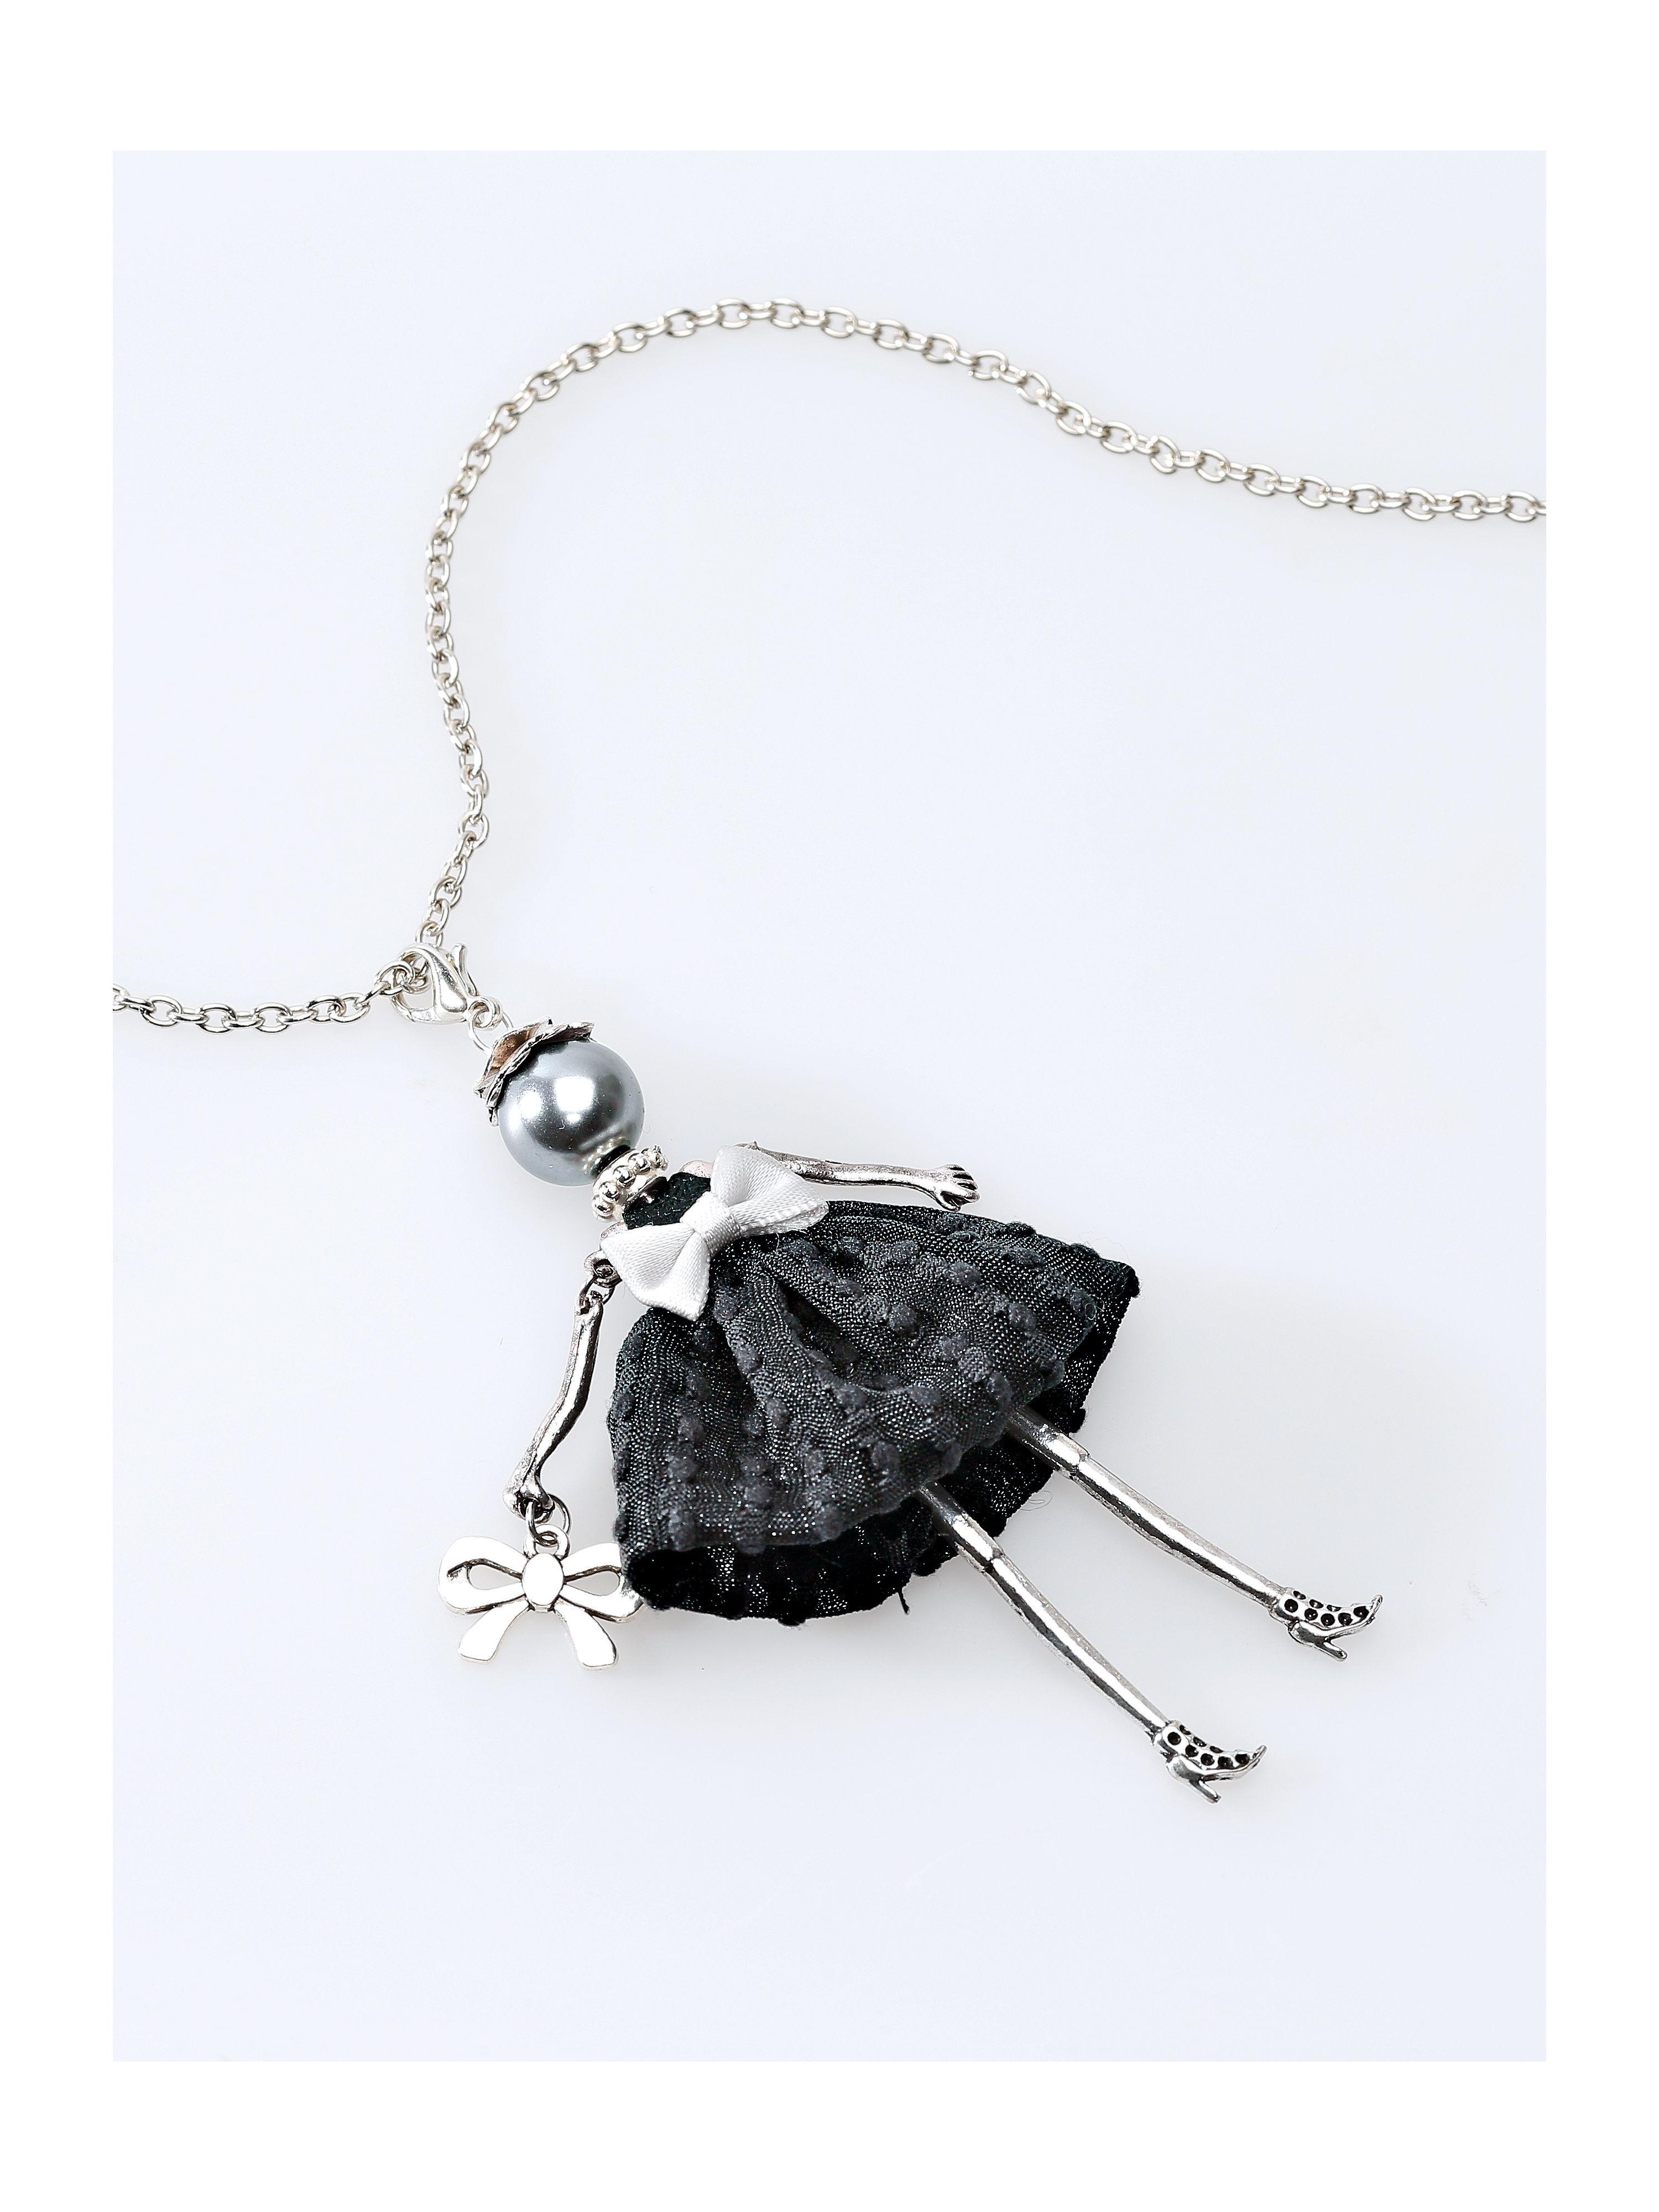 Ketting van uta raasch, van fijne metalen schakels. een charmante blikvanger is het met karabijnsluiting ...